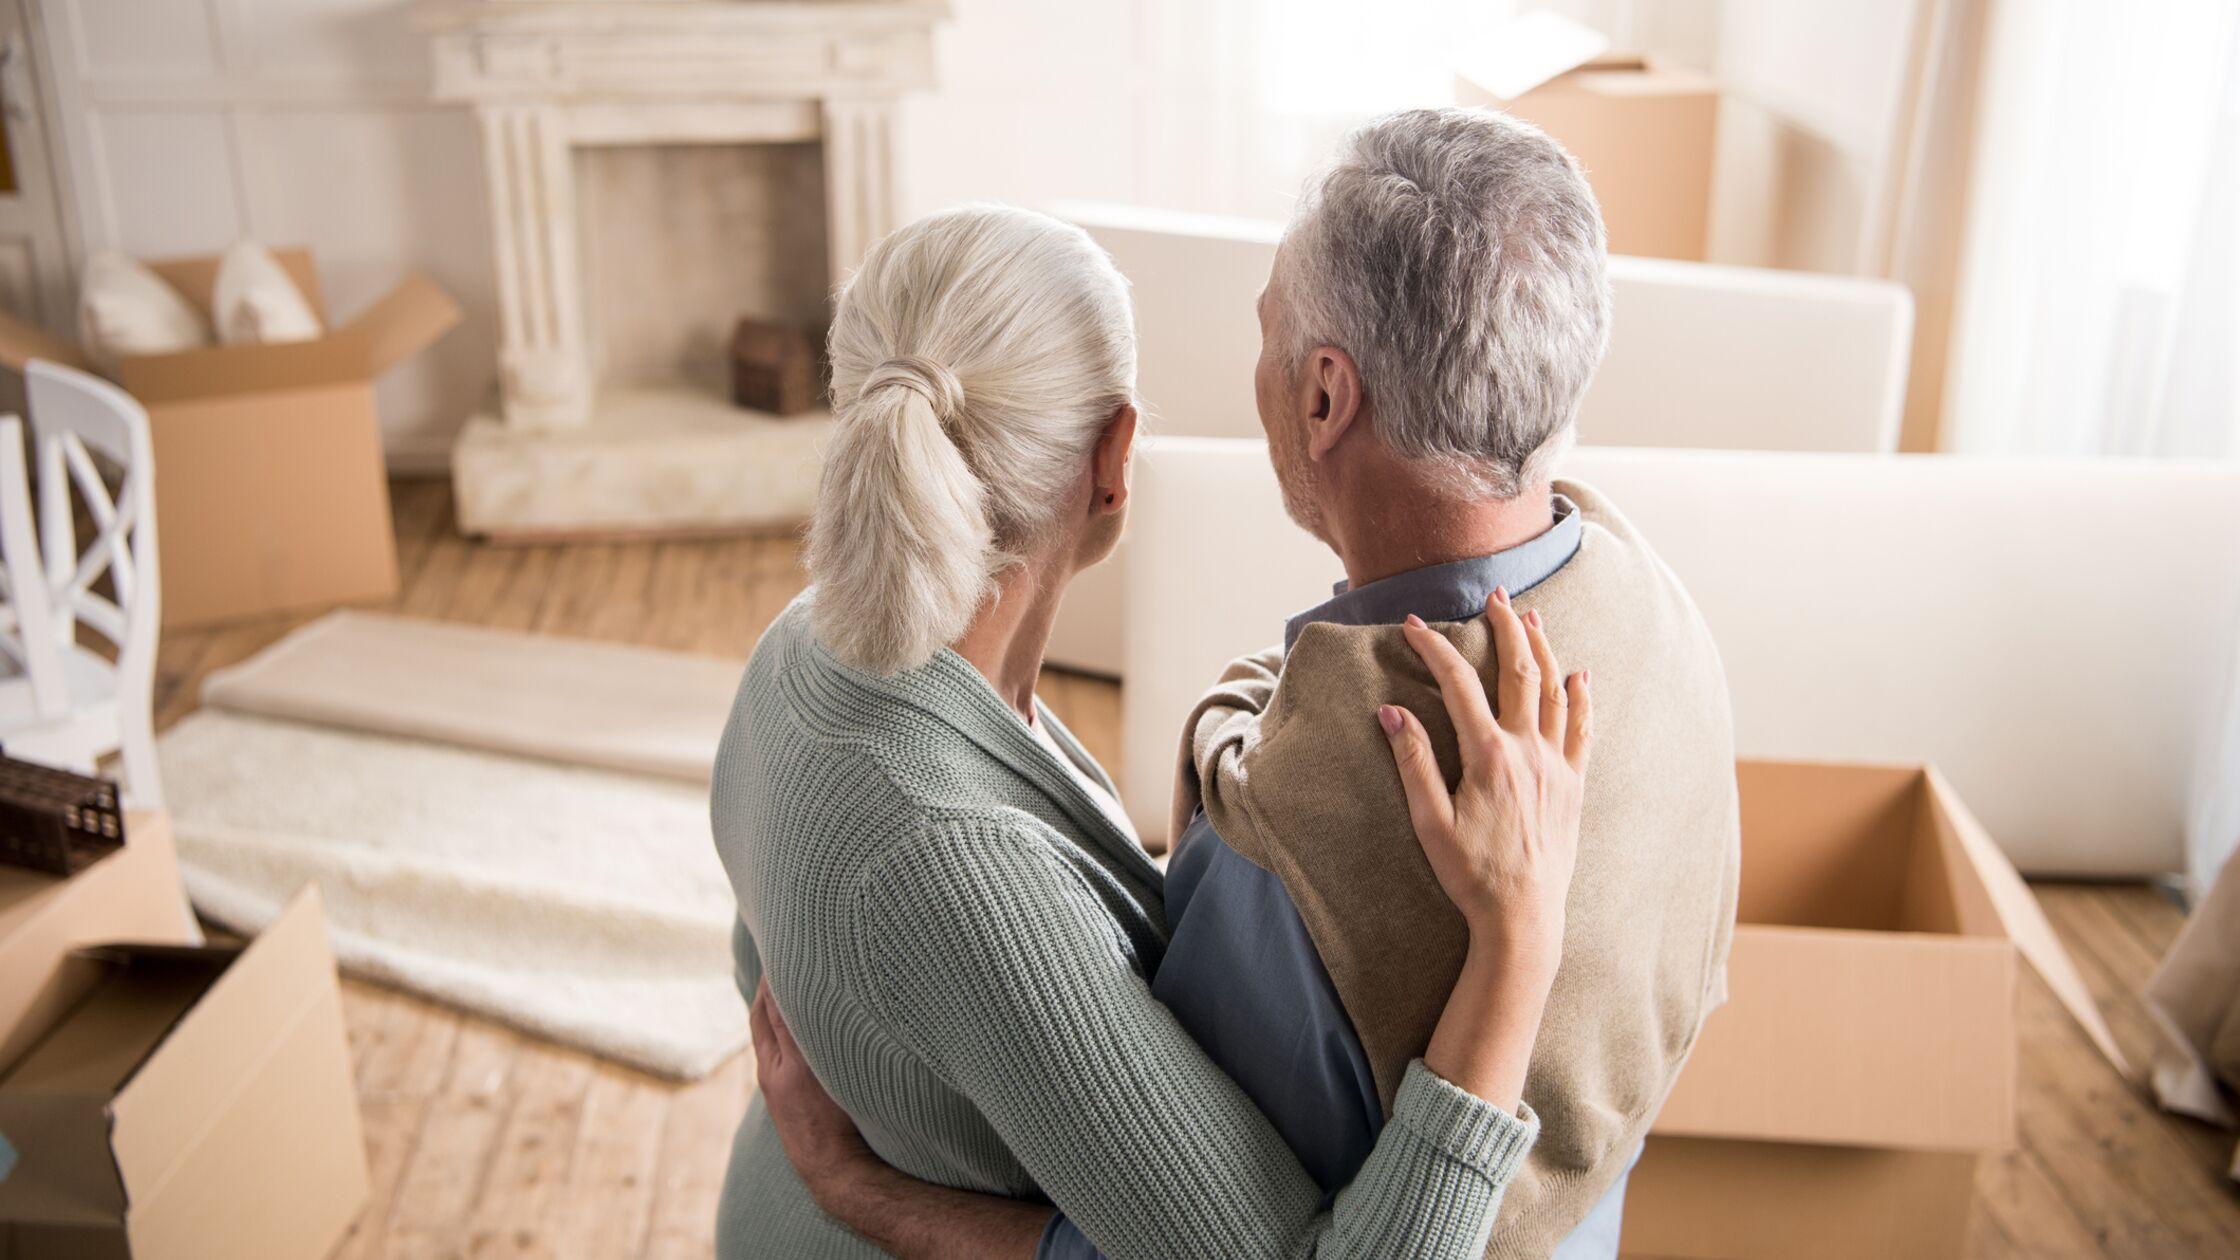 Älteres Paar umarmt sich und blickt auf ausgeräumtes Haus